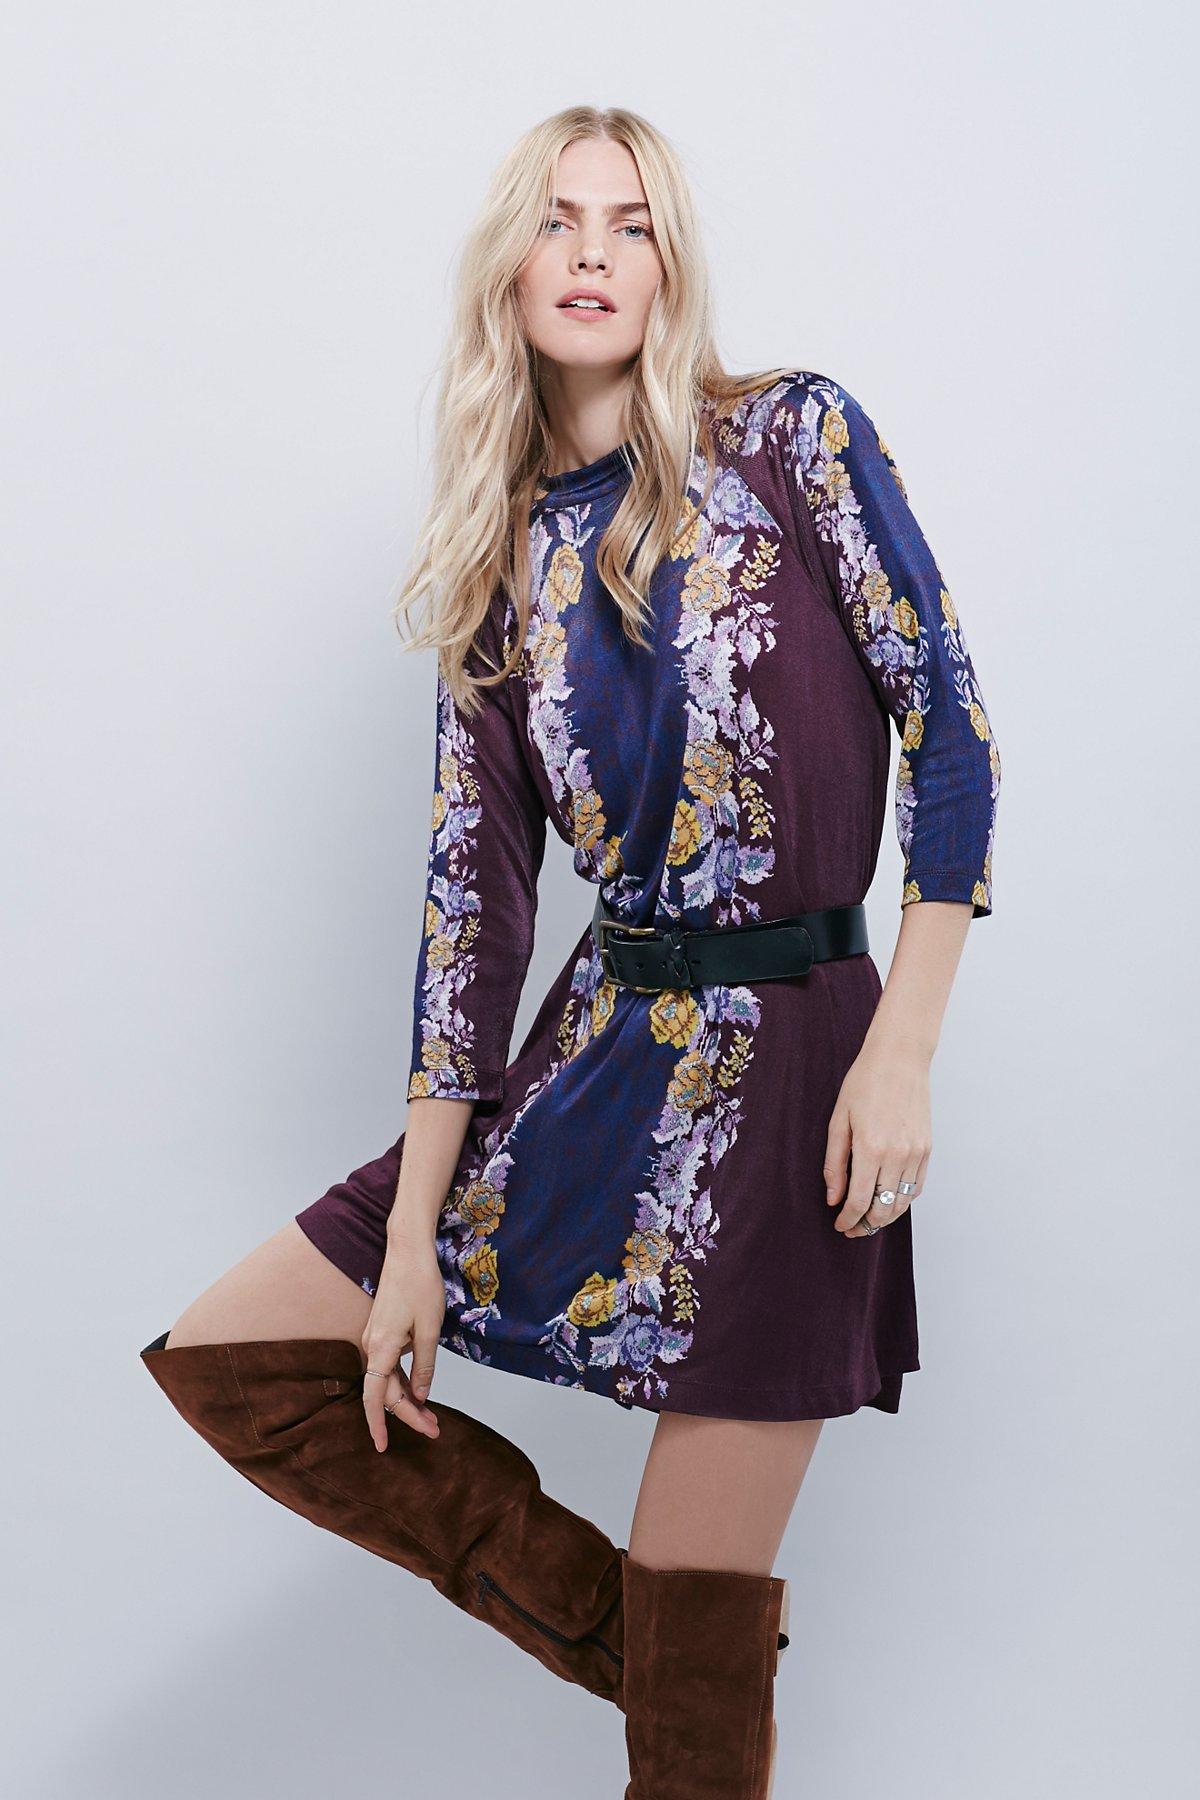 FP New Romantics Fiesta Floral Dress